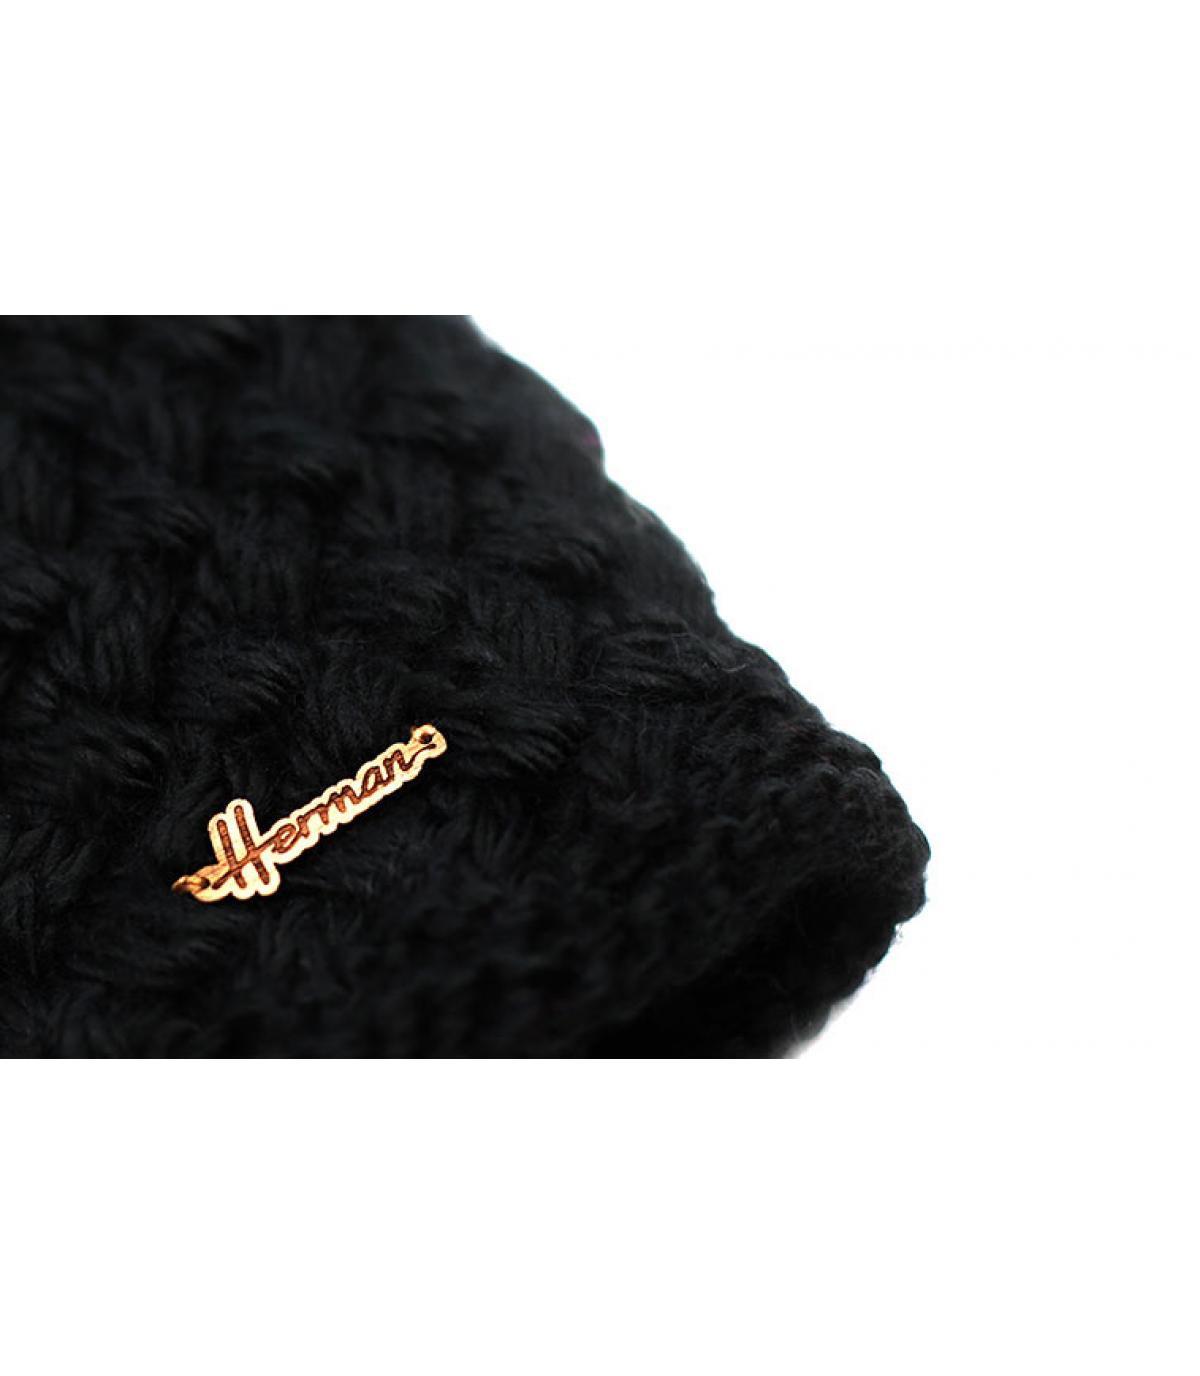 Détails Iloha Gloves black - image 2